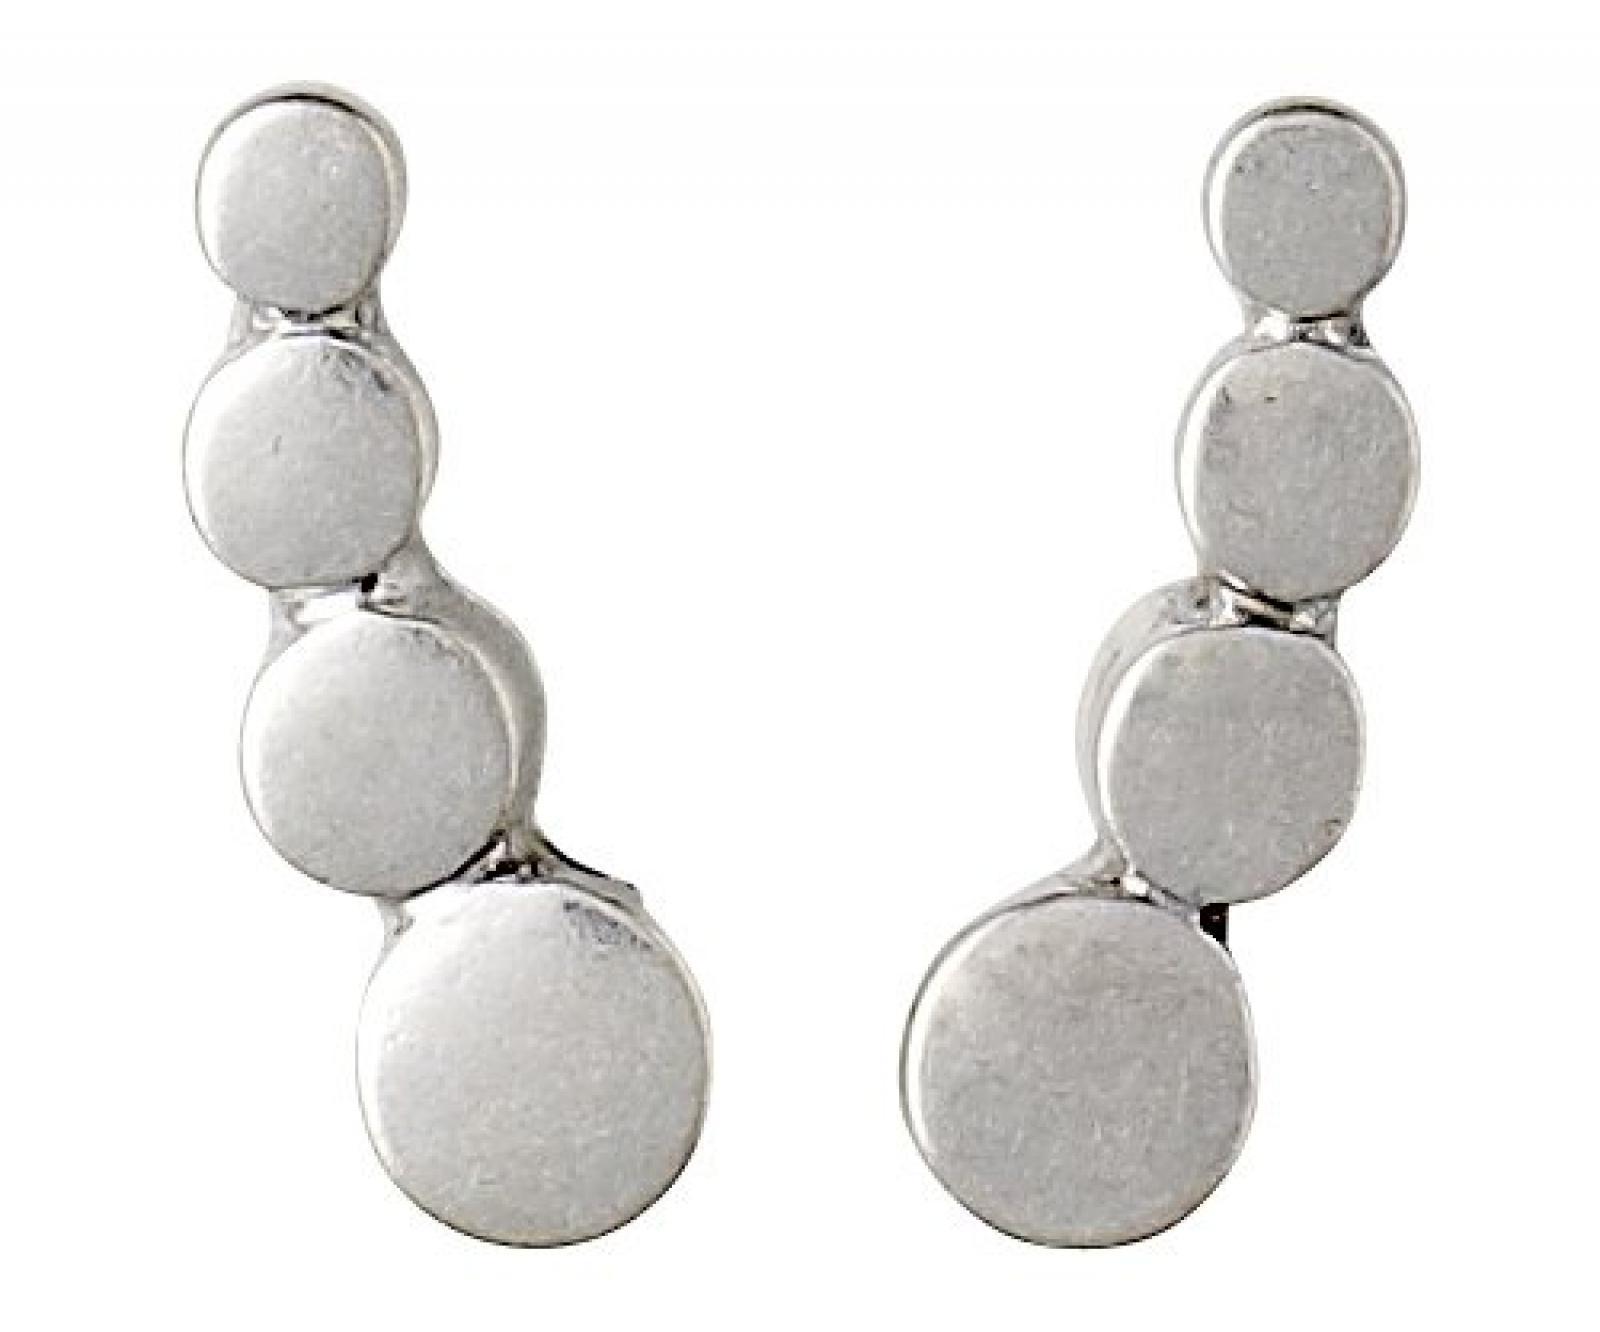 Pilgrim Jewelry Damen-Ohrstecker aus der Serie Ear post versilbert 1.5 cm 281316003